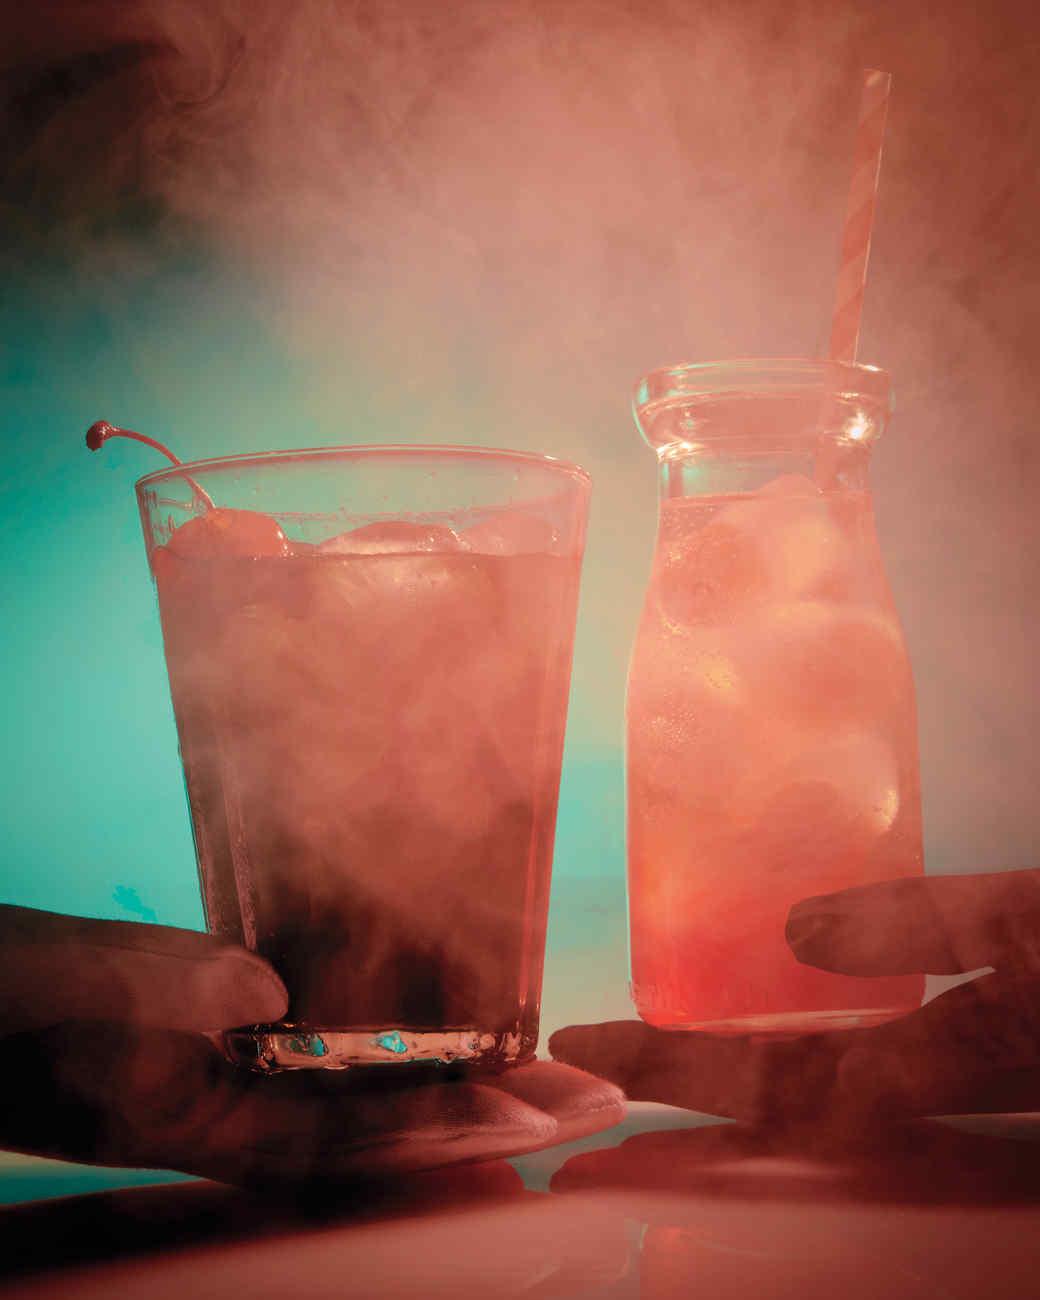 drinks-006-md109073.jpg